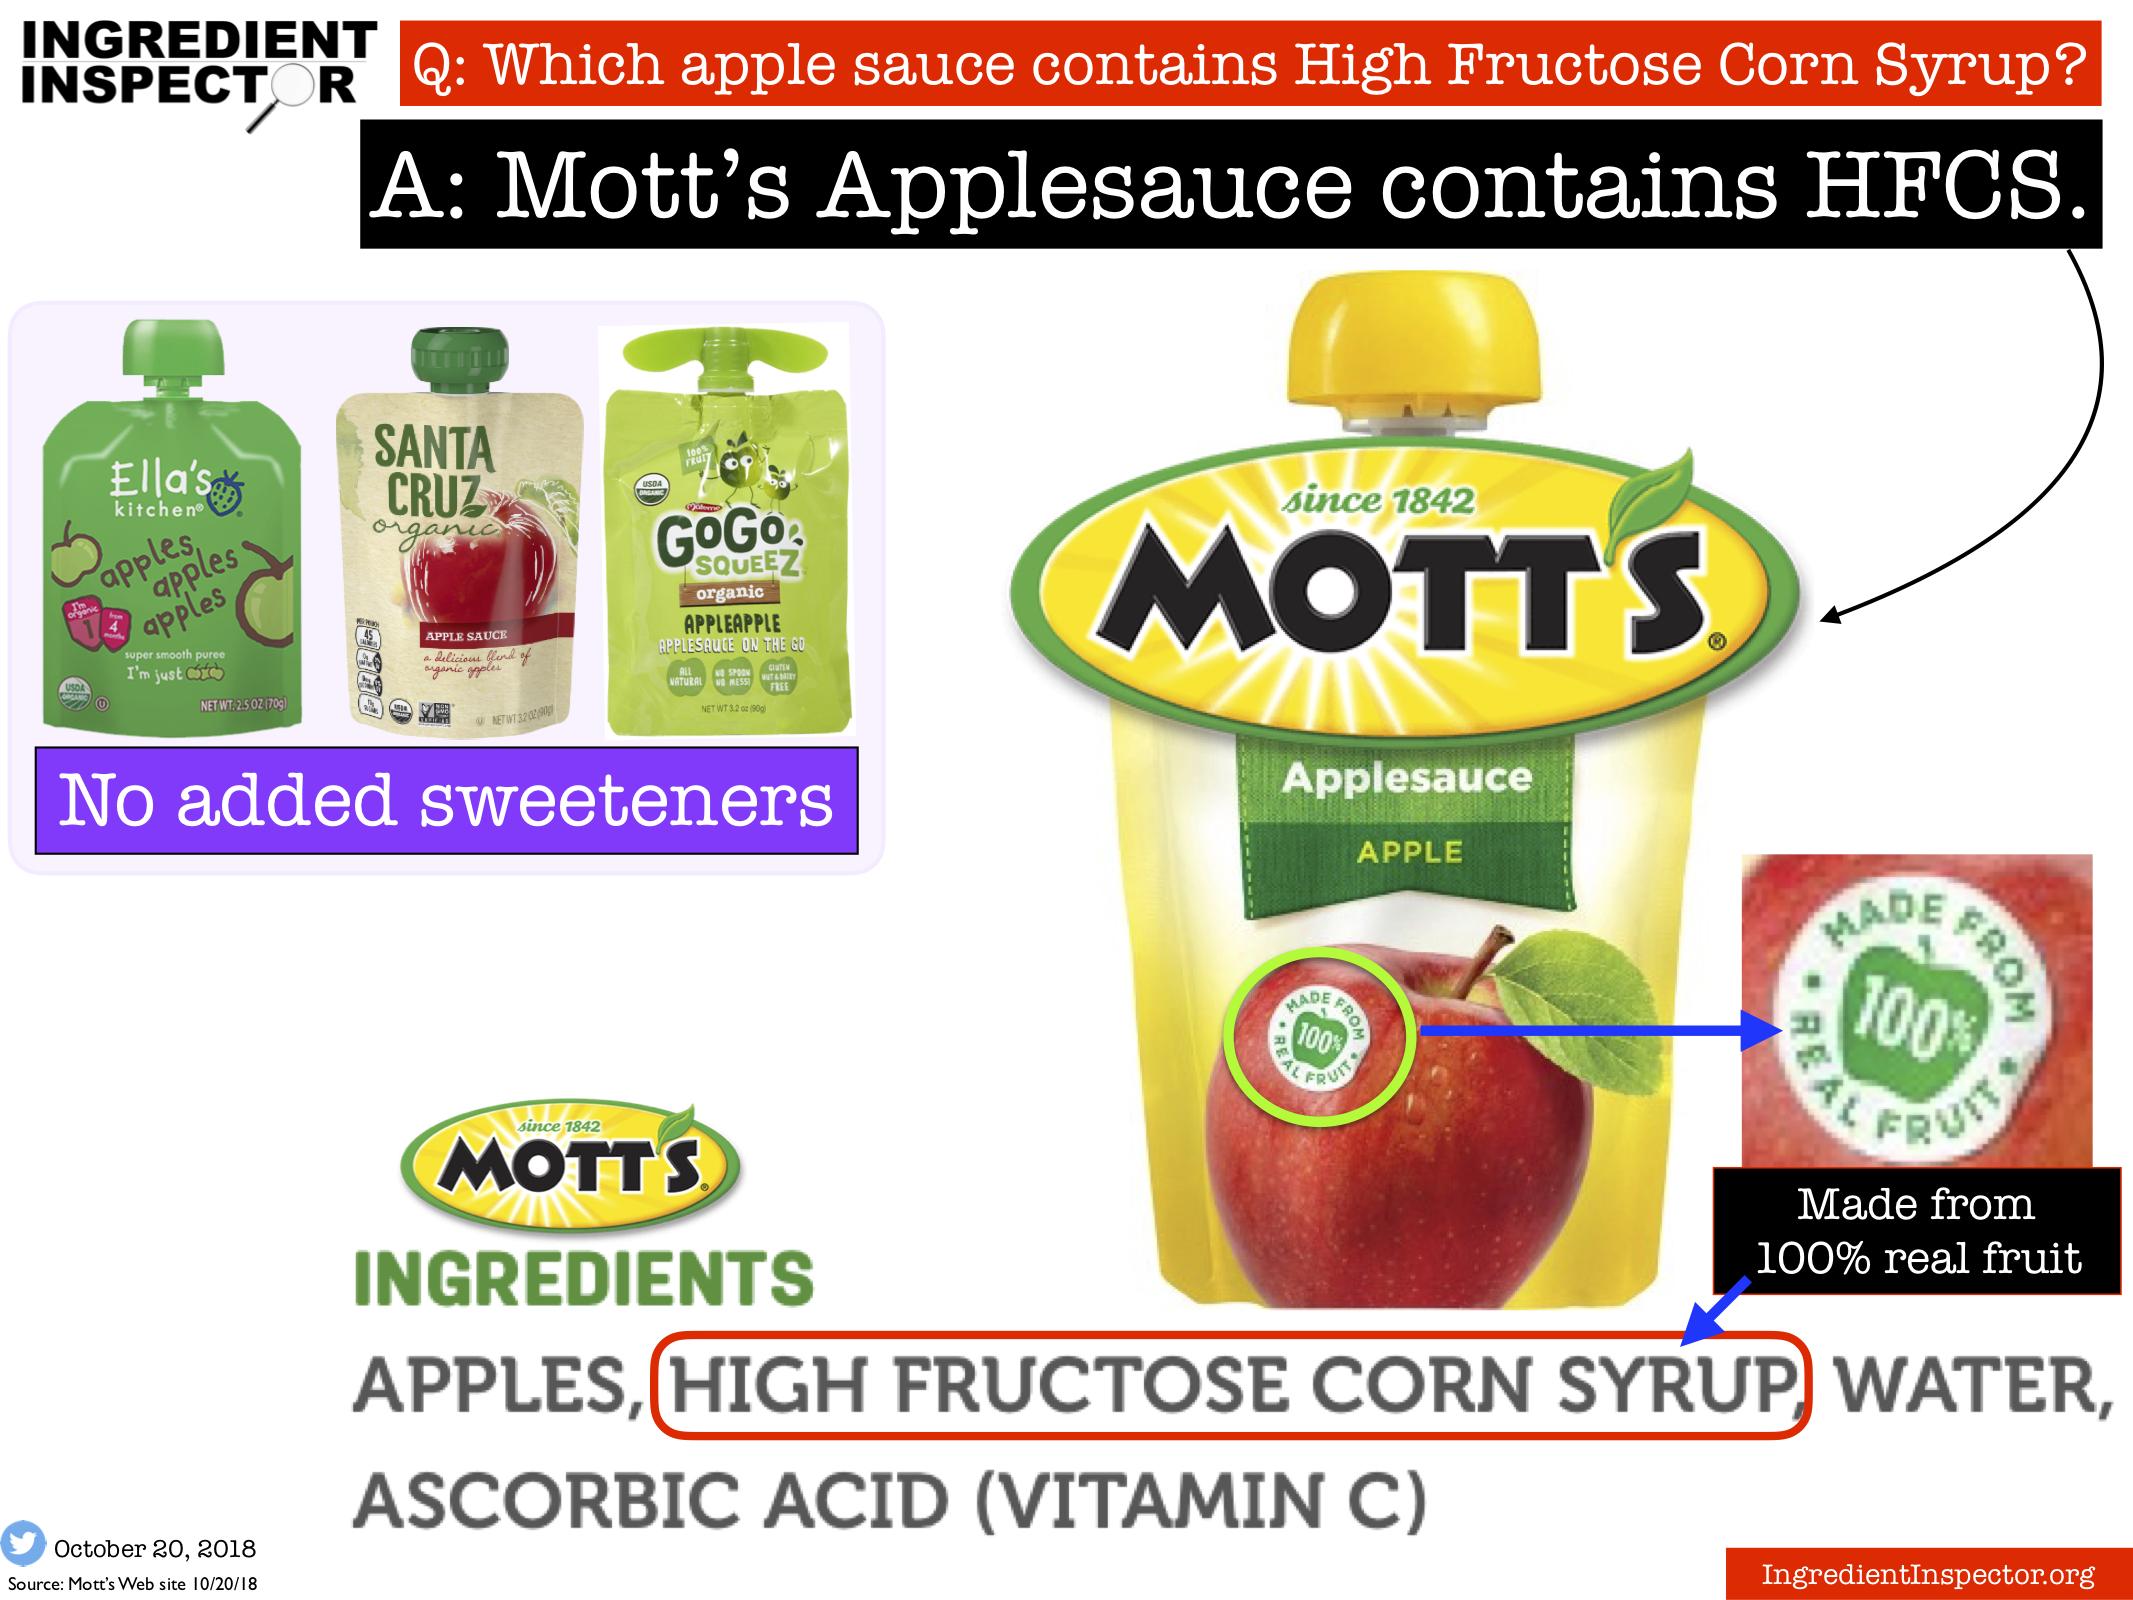 Ingredient Inspector Quiz Apple Sauce Mott's has HFCS.jpg